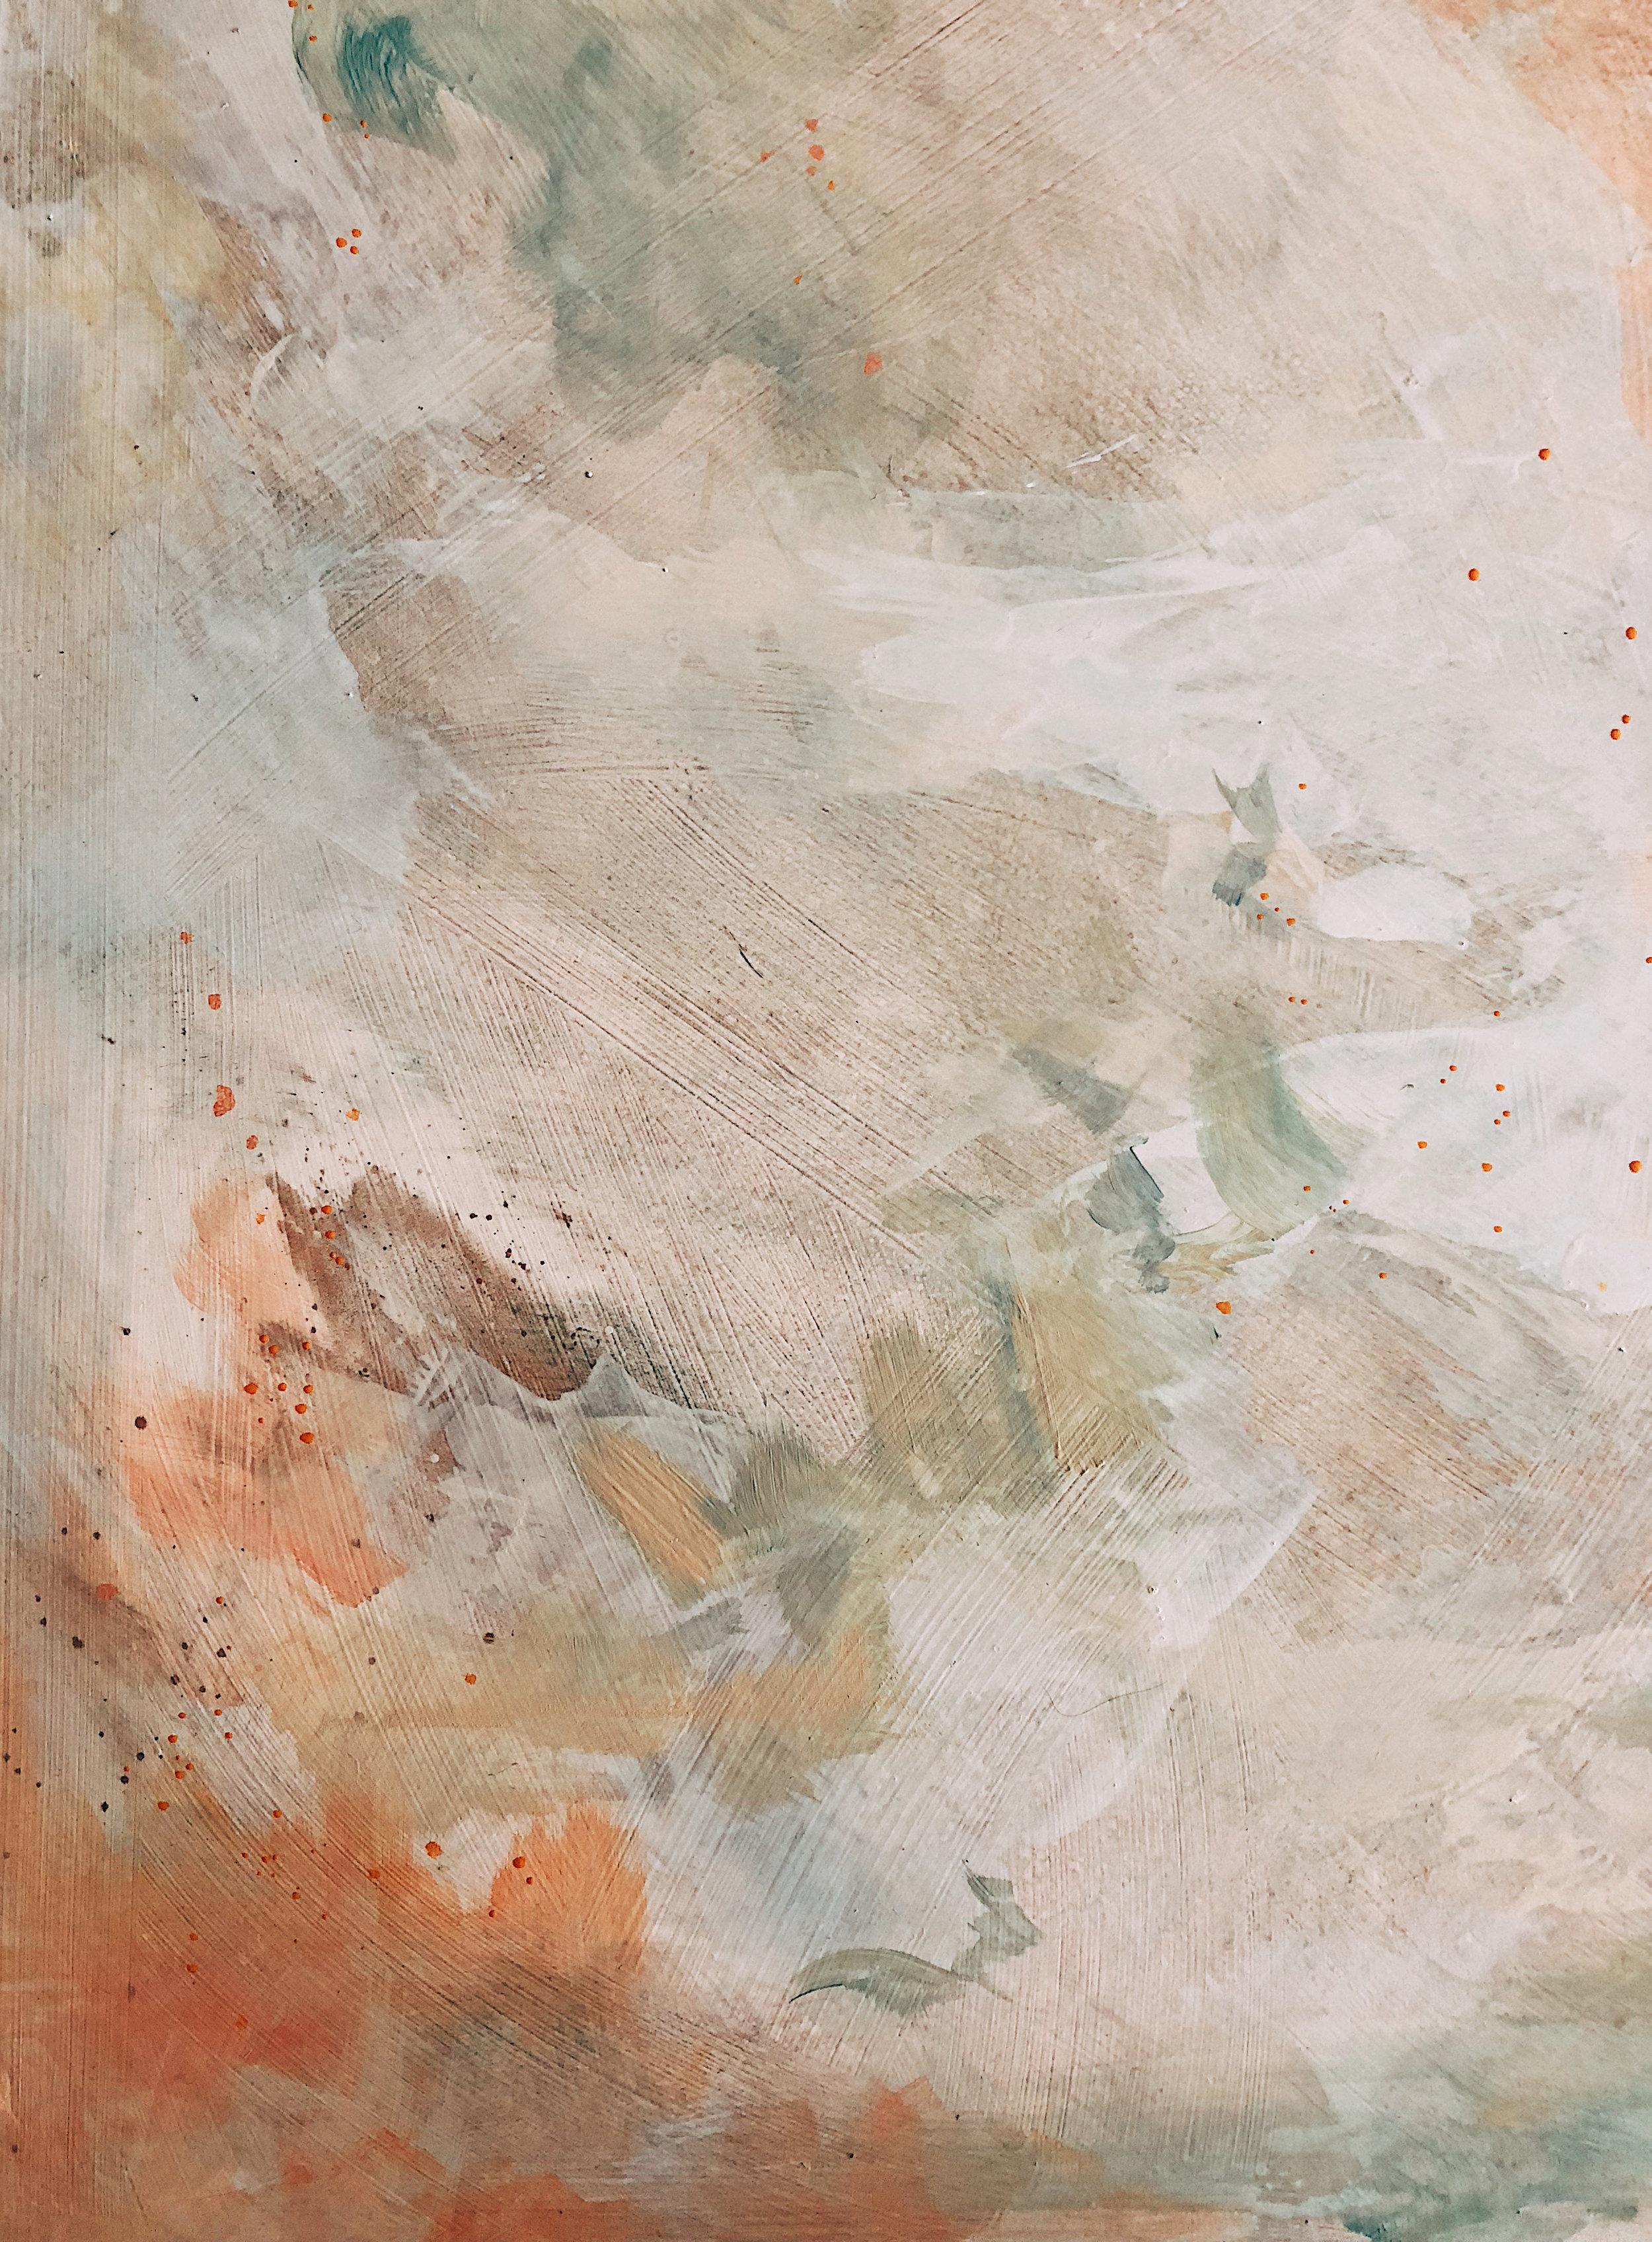 08-01-18-Rowean_Painting_01.jpg